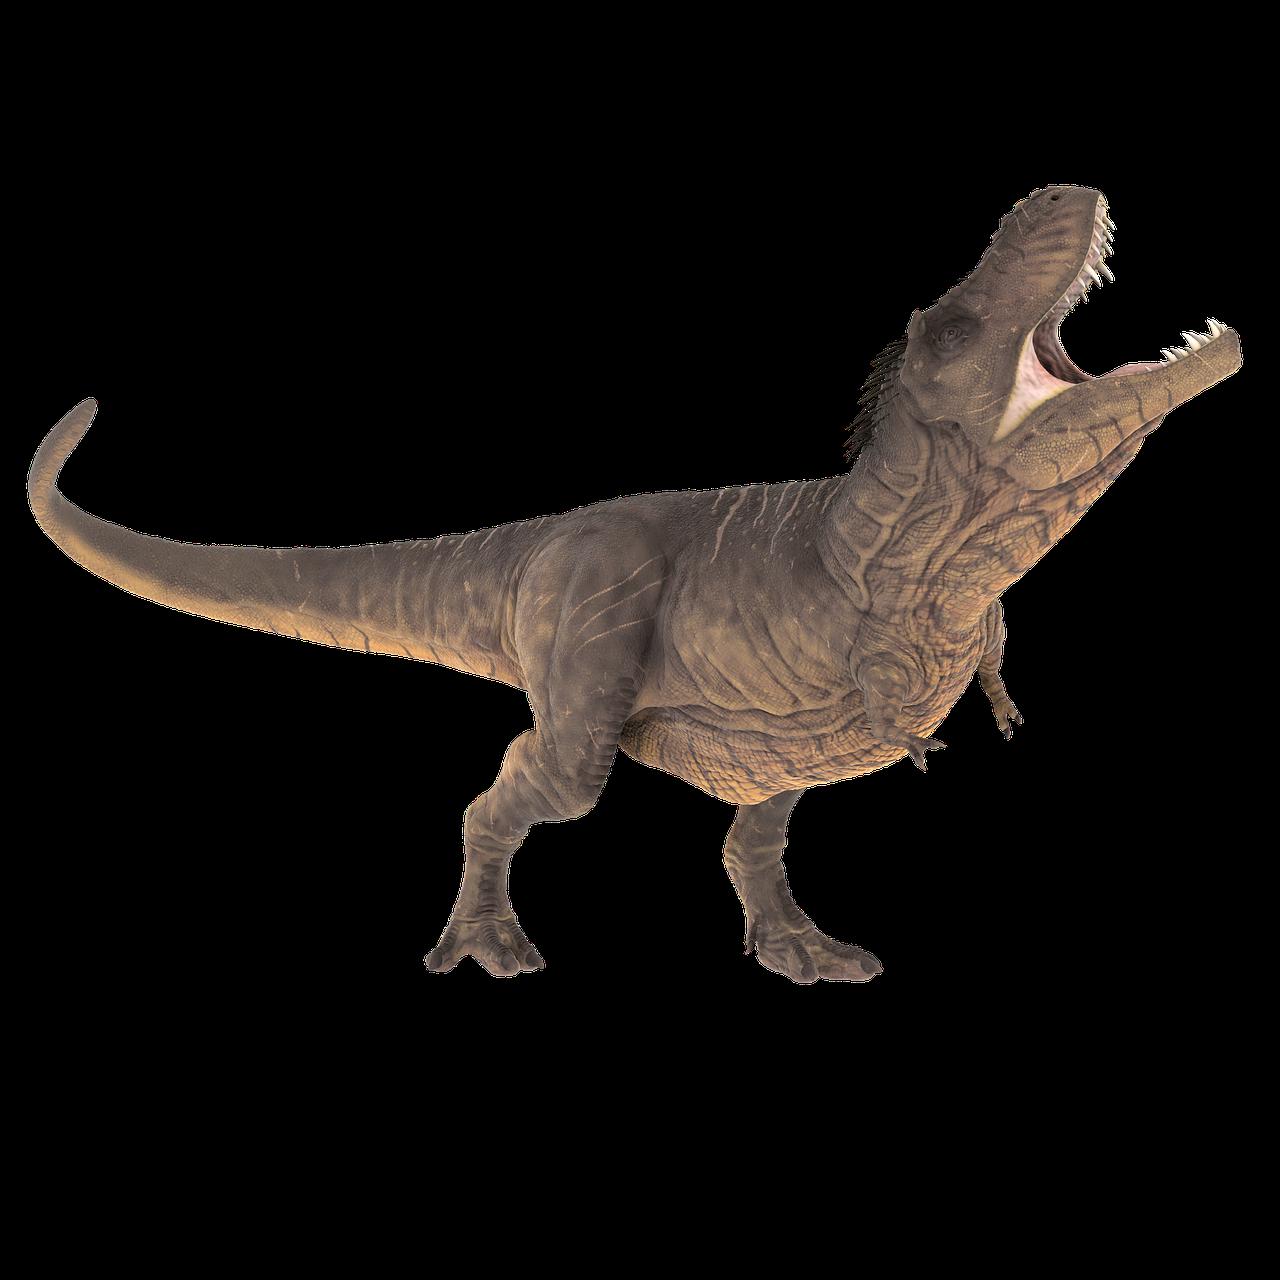 Quels sont les meilleurs dessins animés avec dinosaures ?